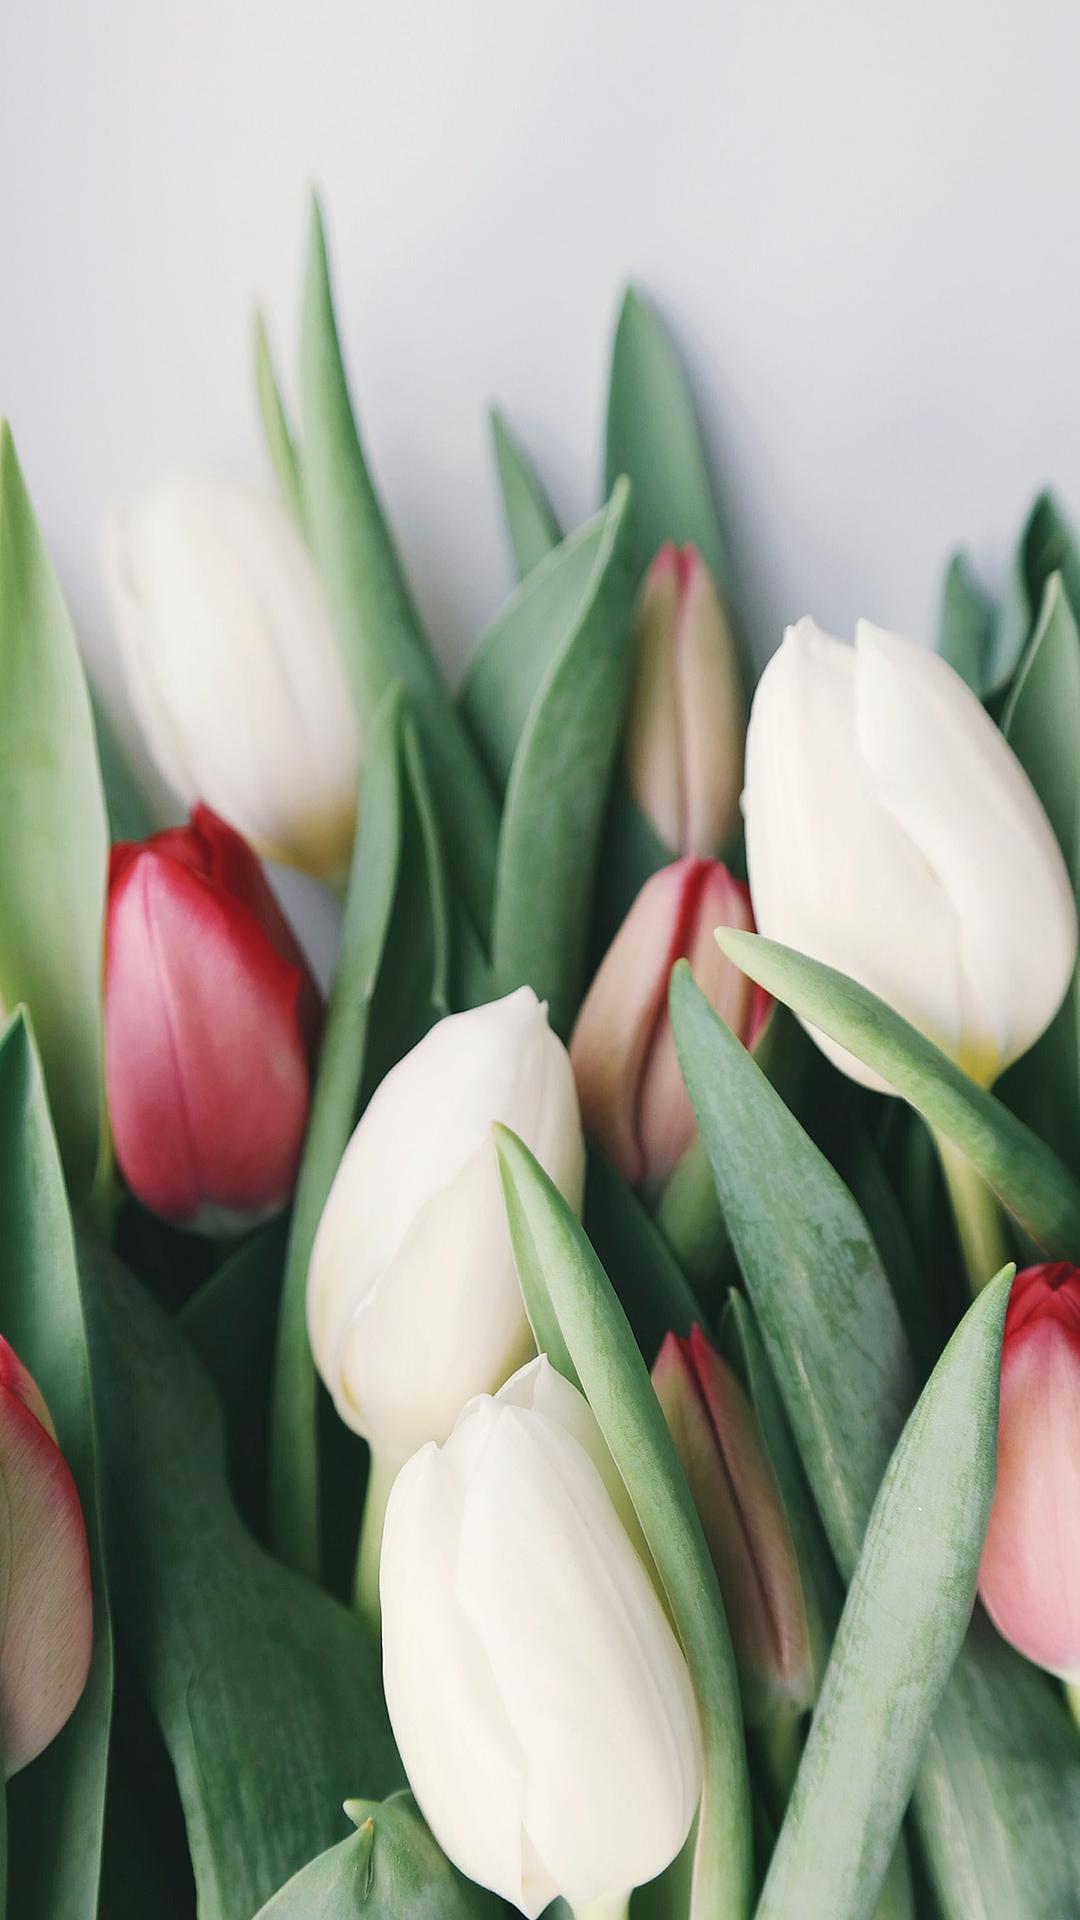 Обои на телефон красивые нежные цветы (45 фото ...  Обои на Телефон Цветы